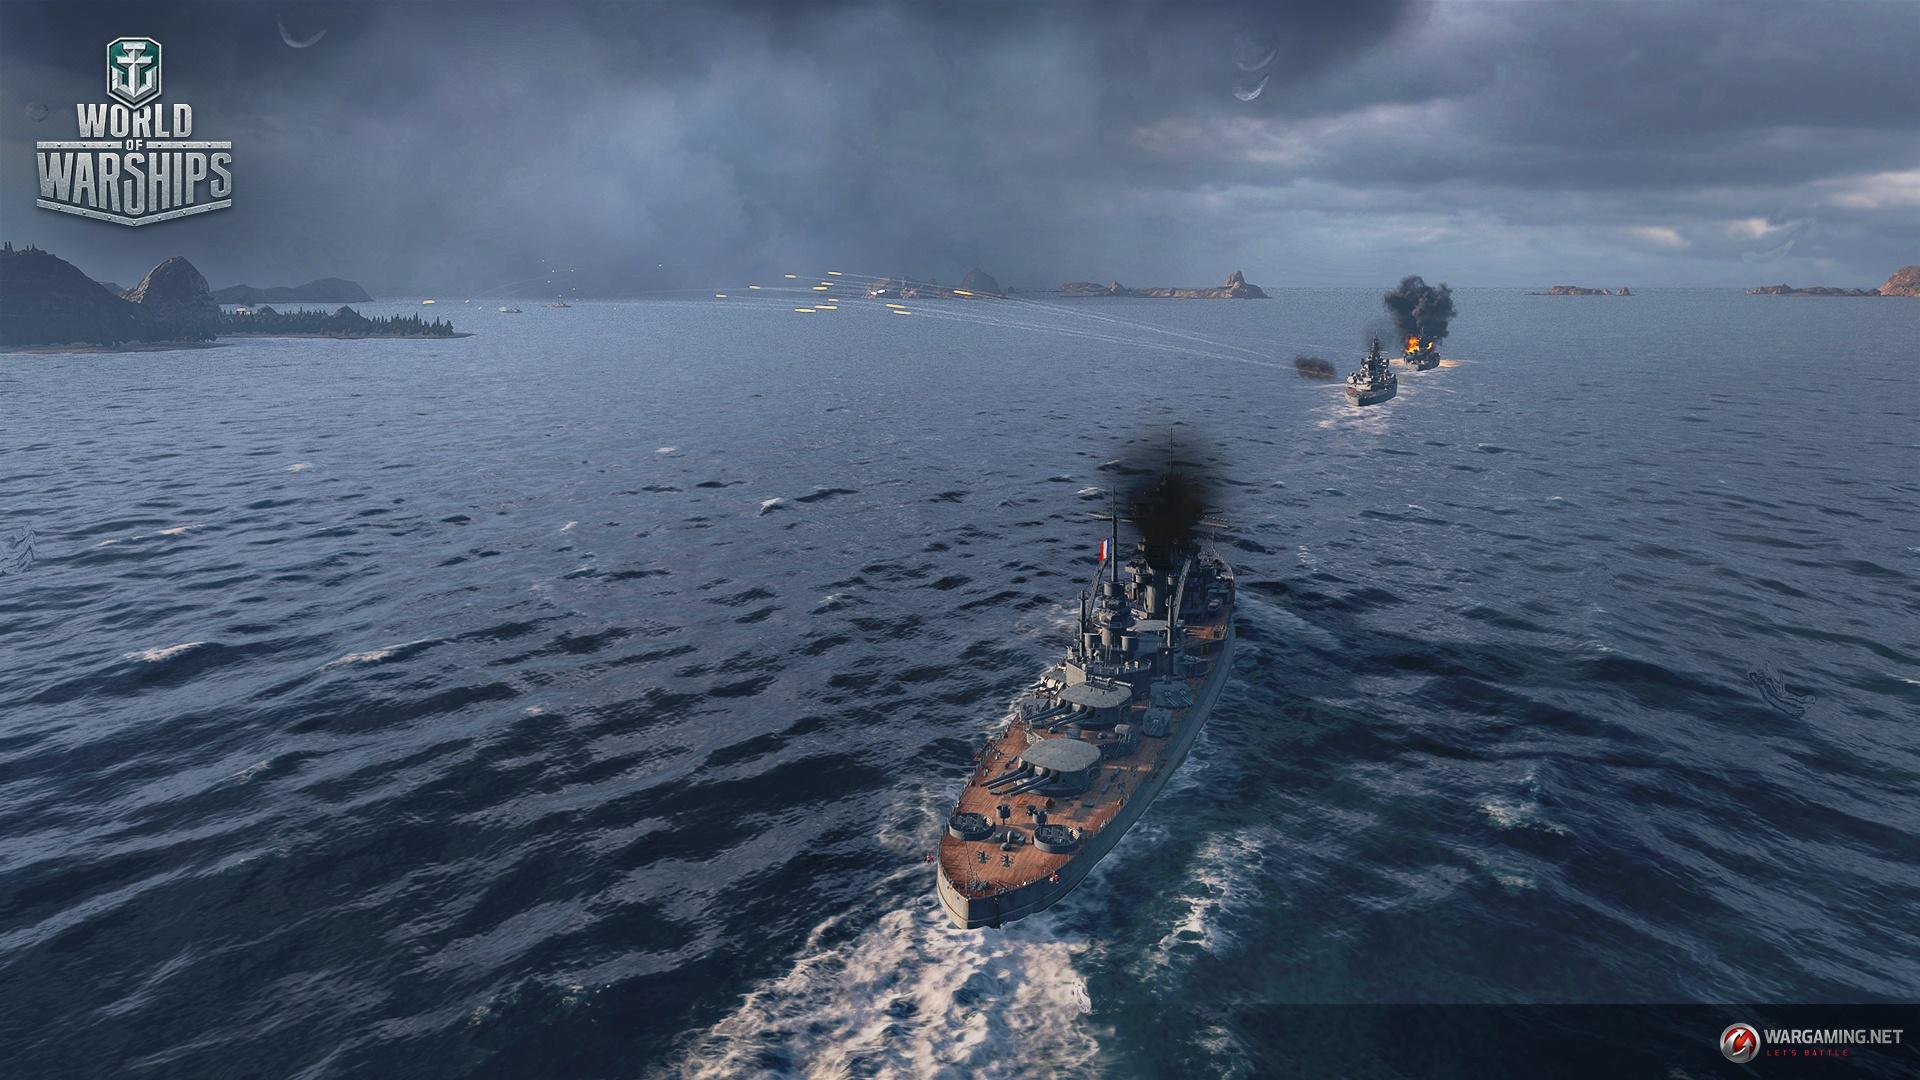 战舰世界亚服0.72版本赫尔墨斯行动爆料